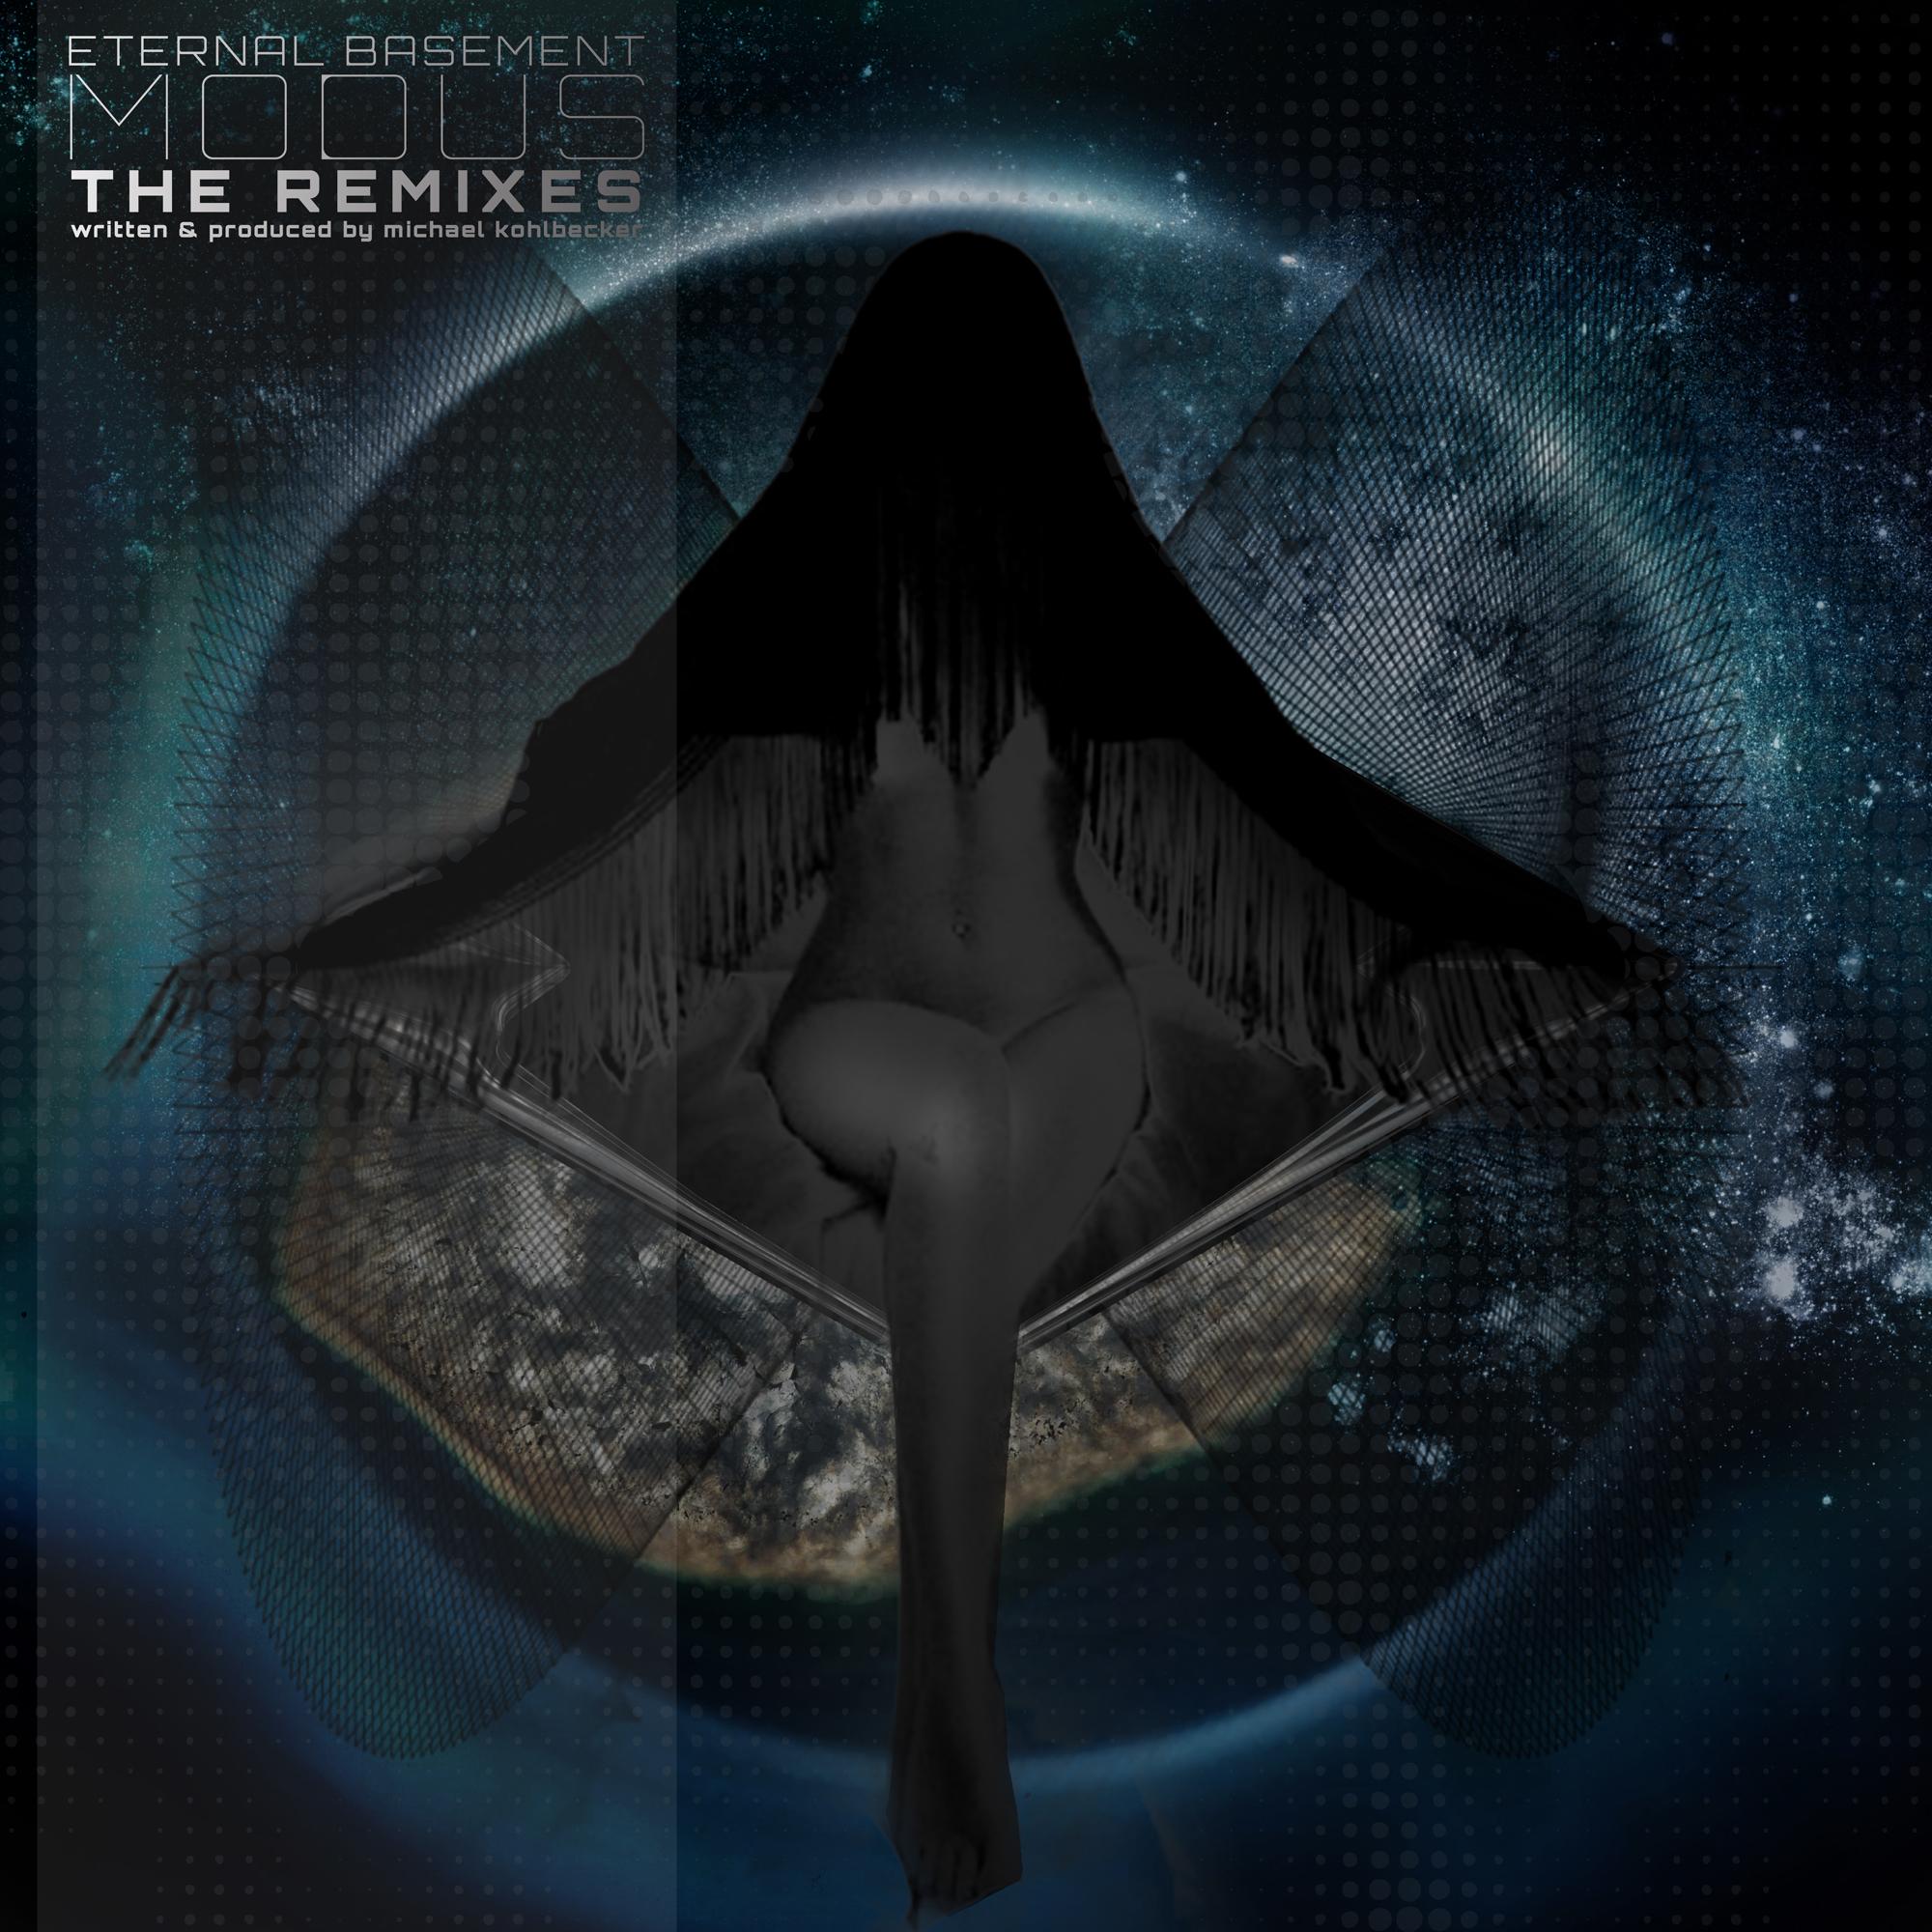 Eternal Basement - Modus (night time) Remix - ETERNAL BASEMENT RECORDINGS 2019